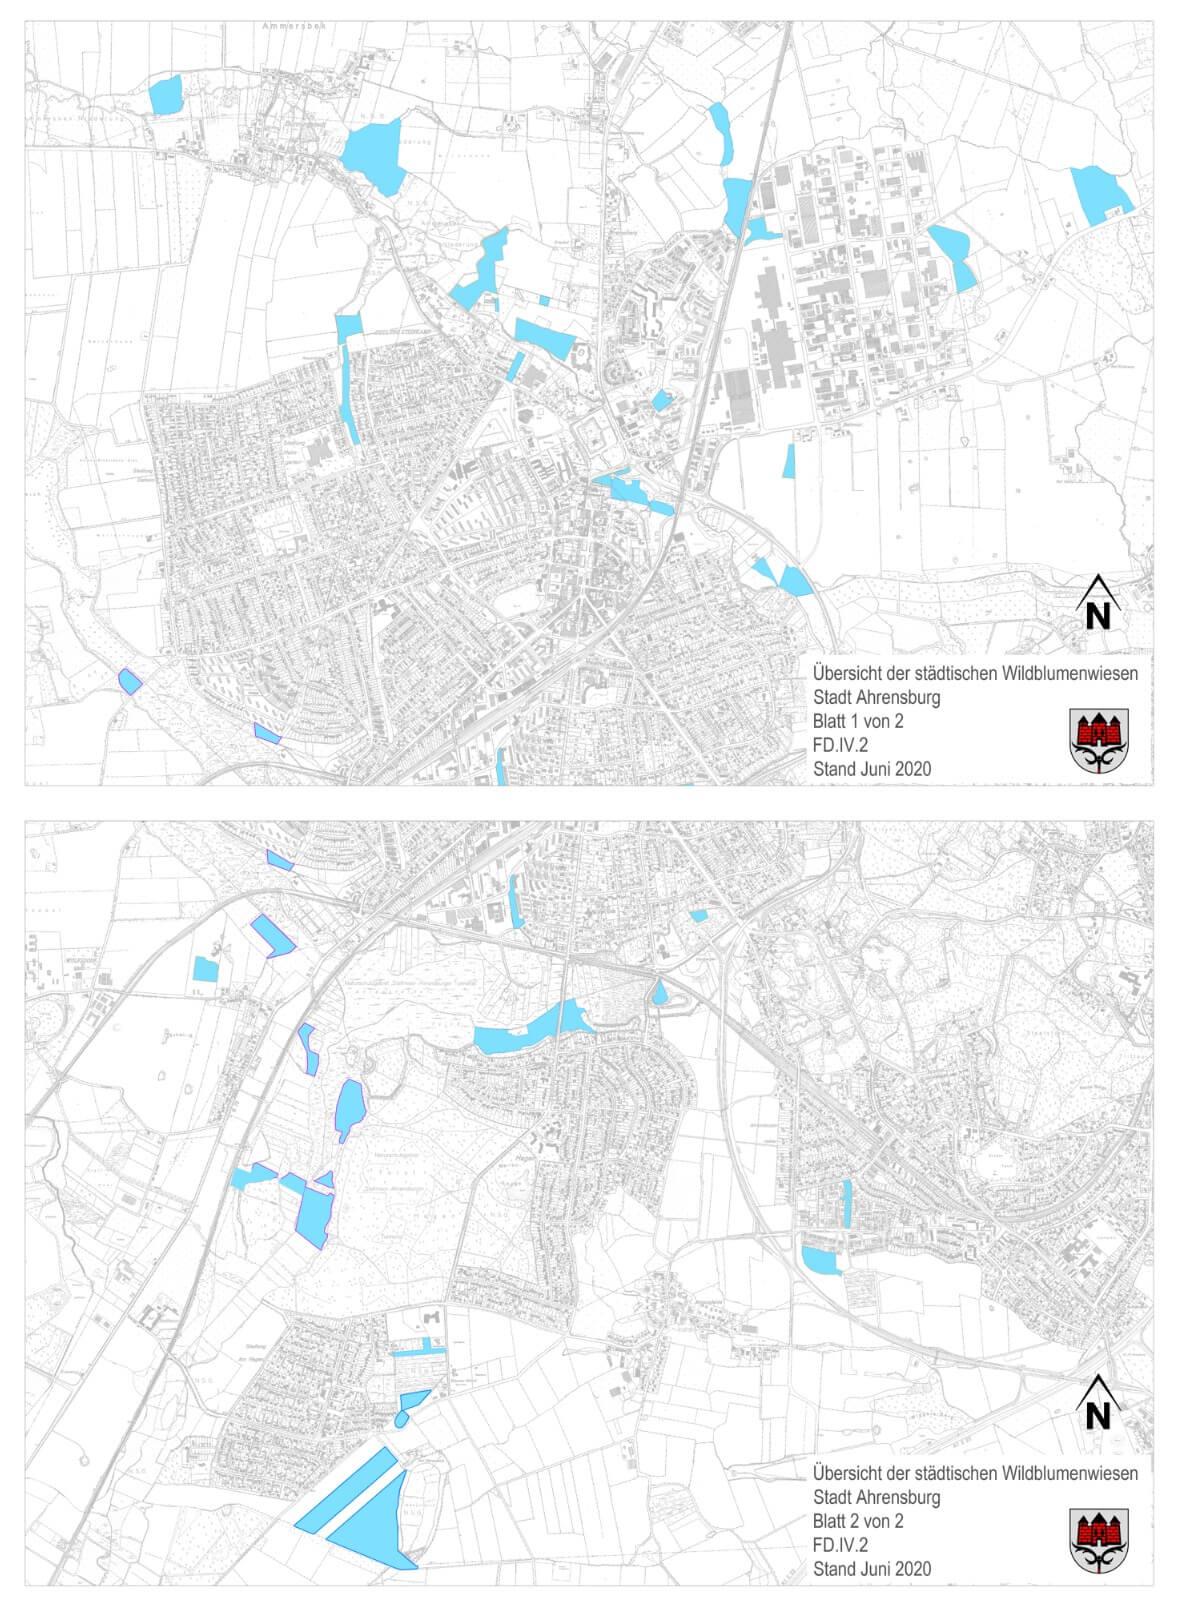 Übersicht der Wildblumenwiesen in Ahrensburg